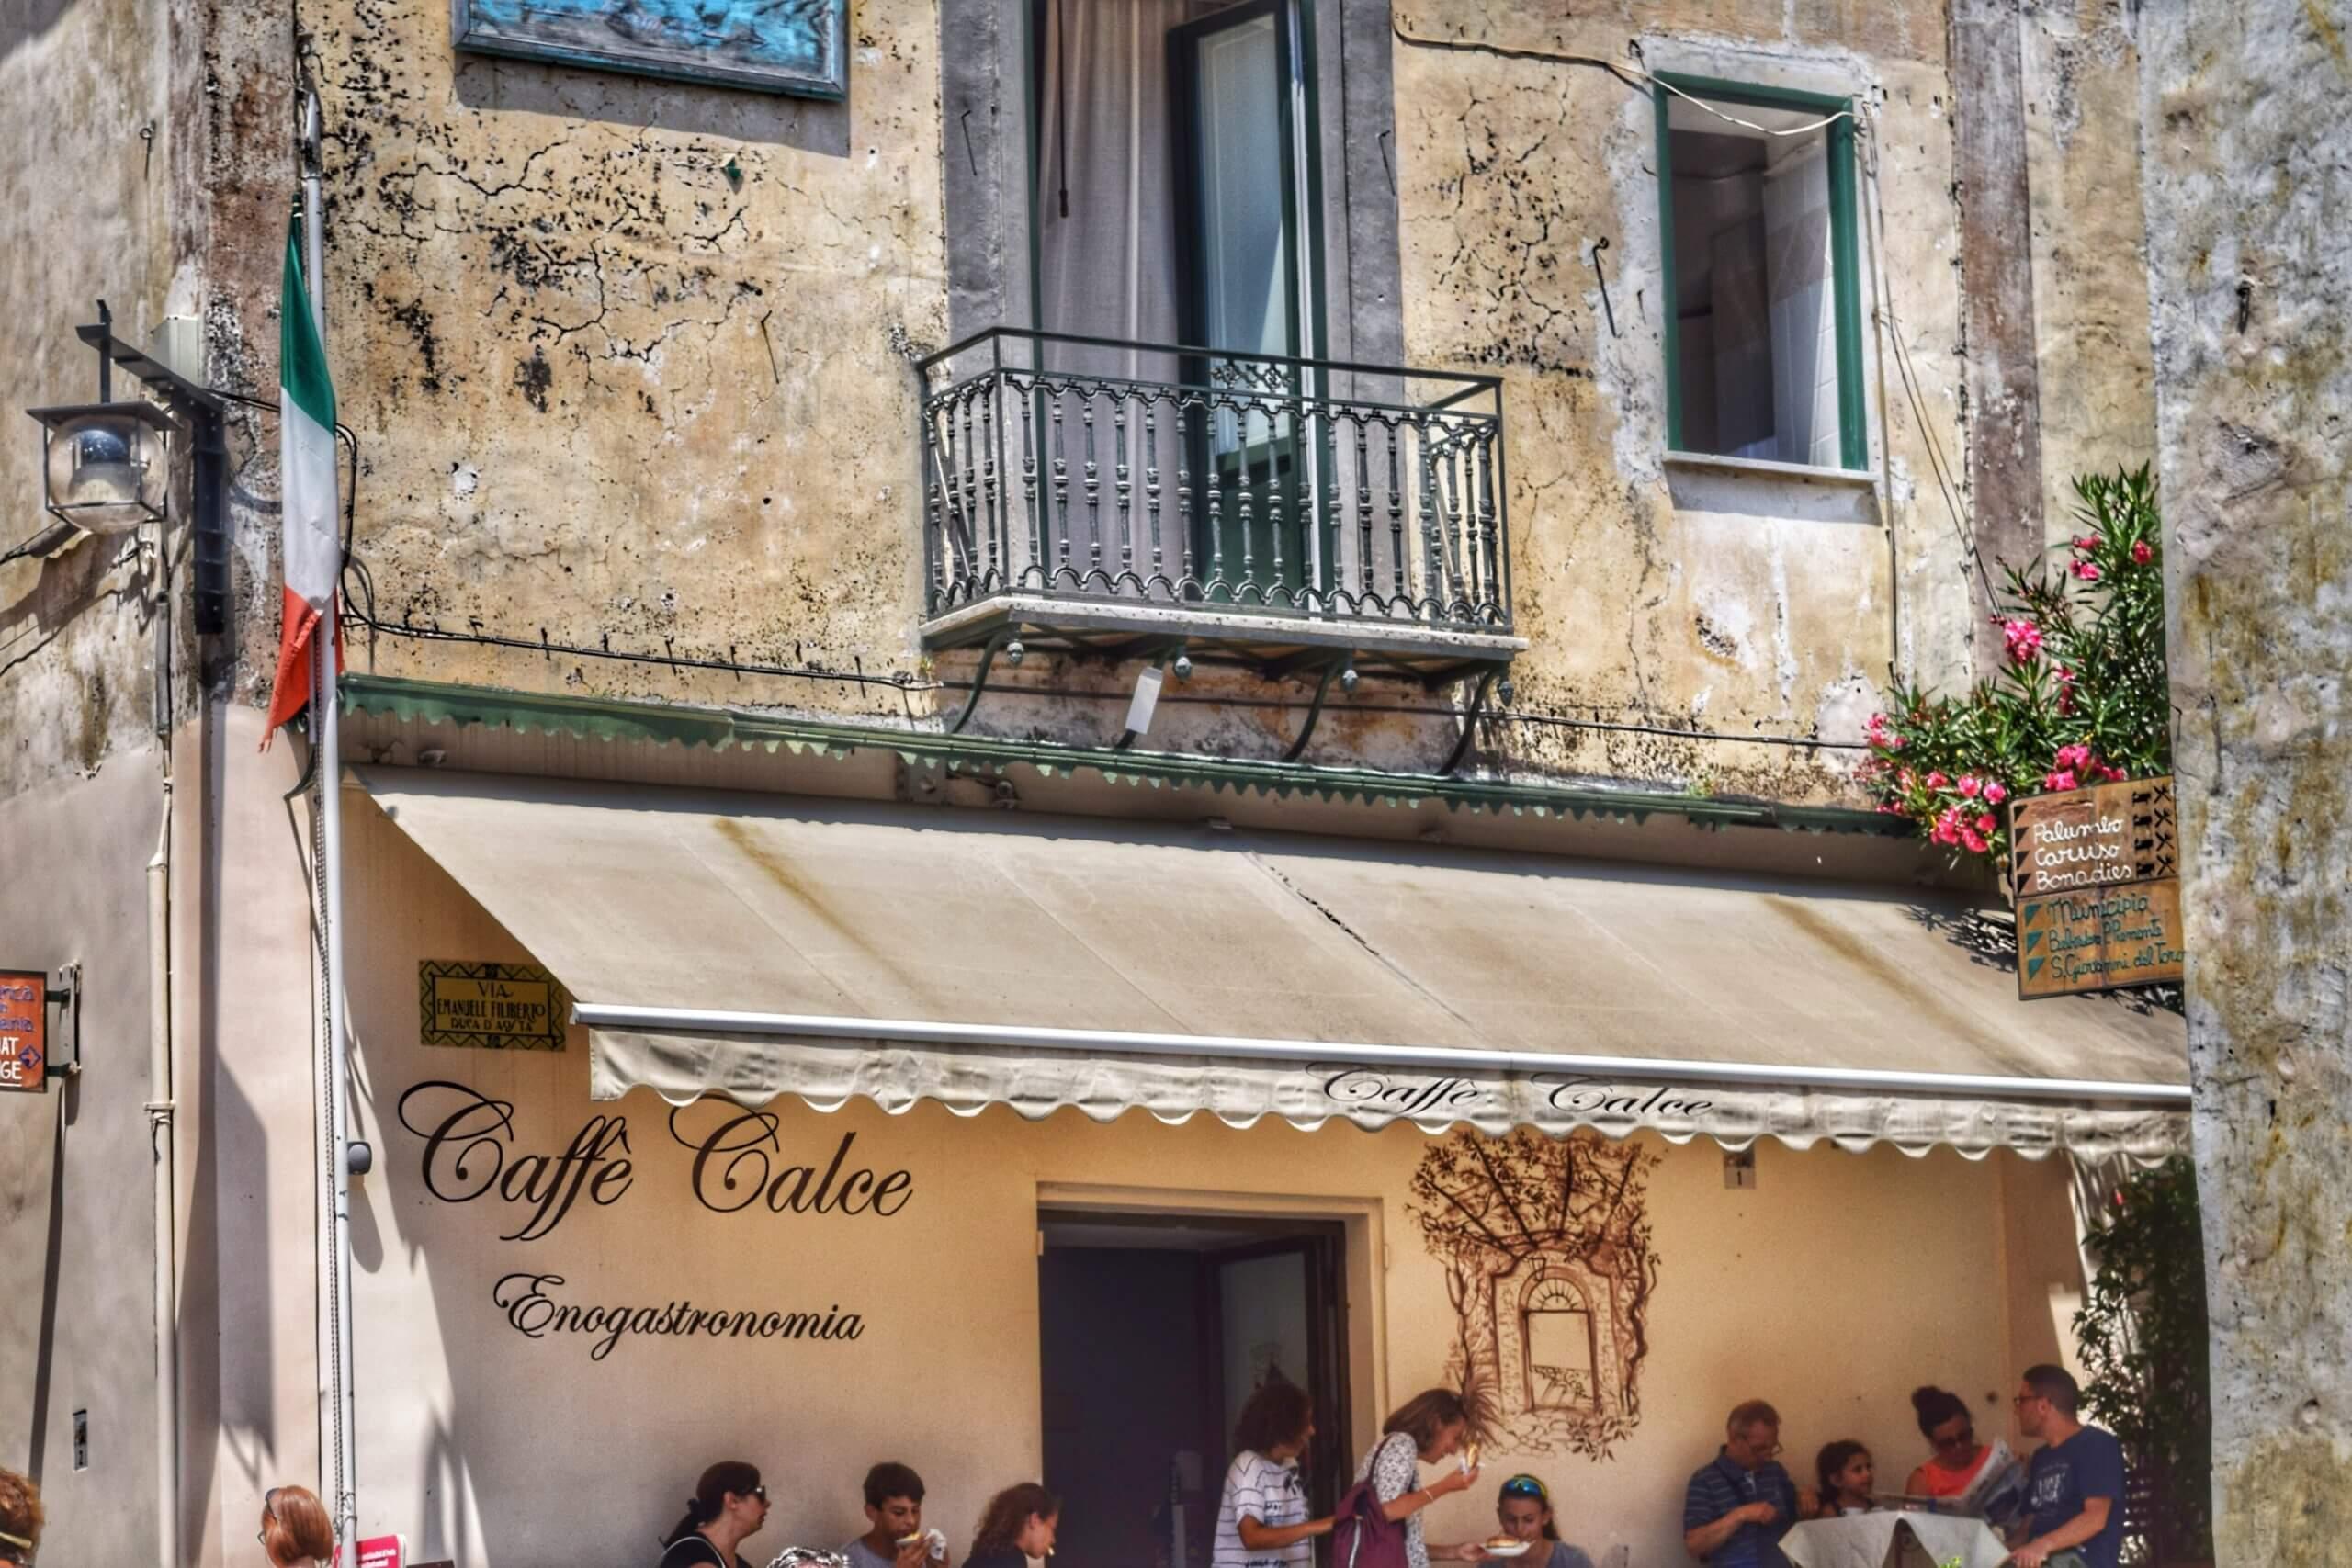 Caffe Calce